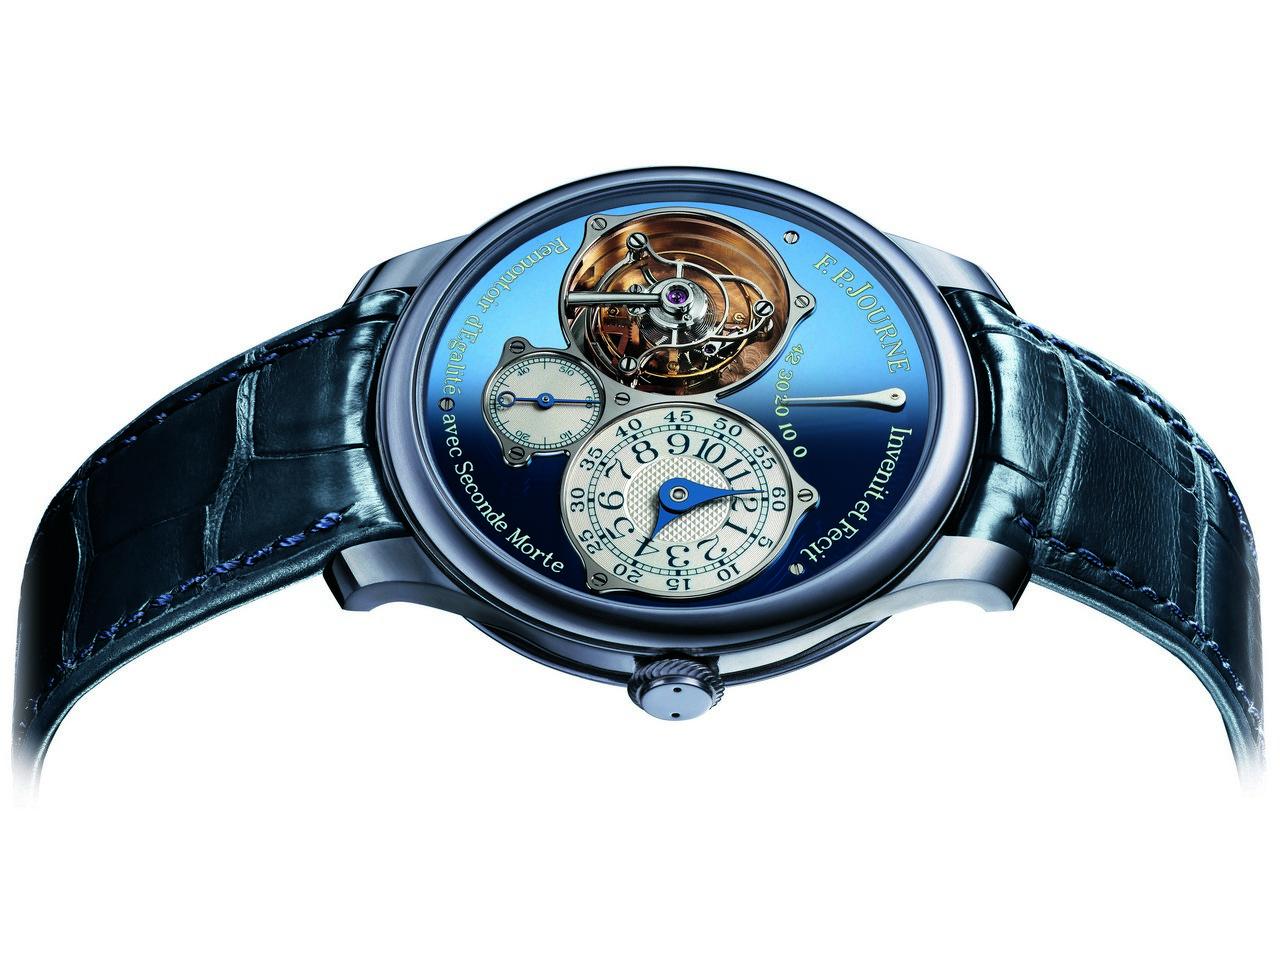 f-p-journe-tourbillon-souverain-bleu-only-watch-2015-0-100-1